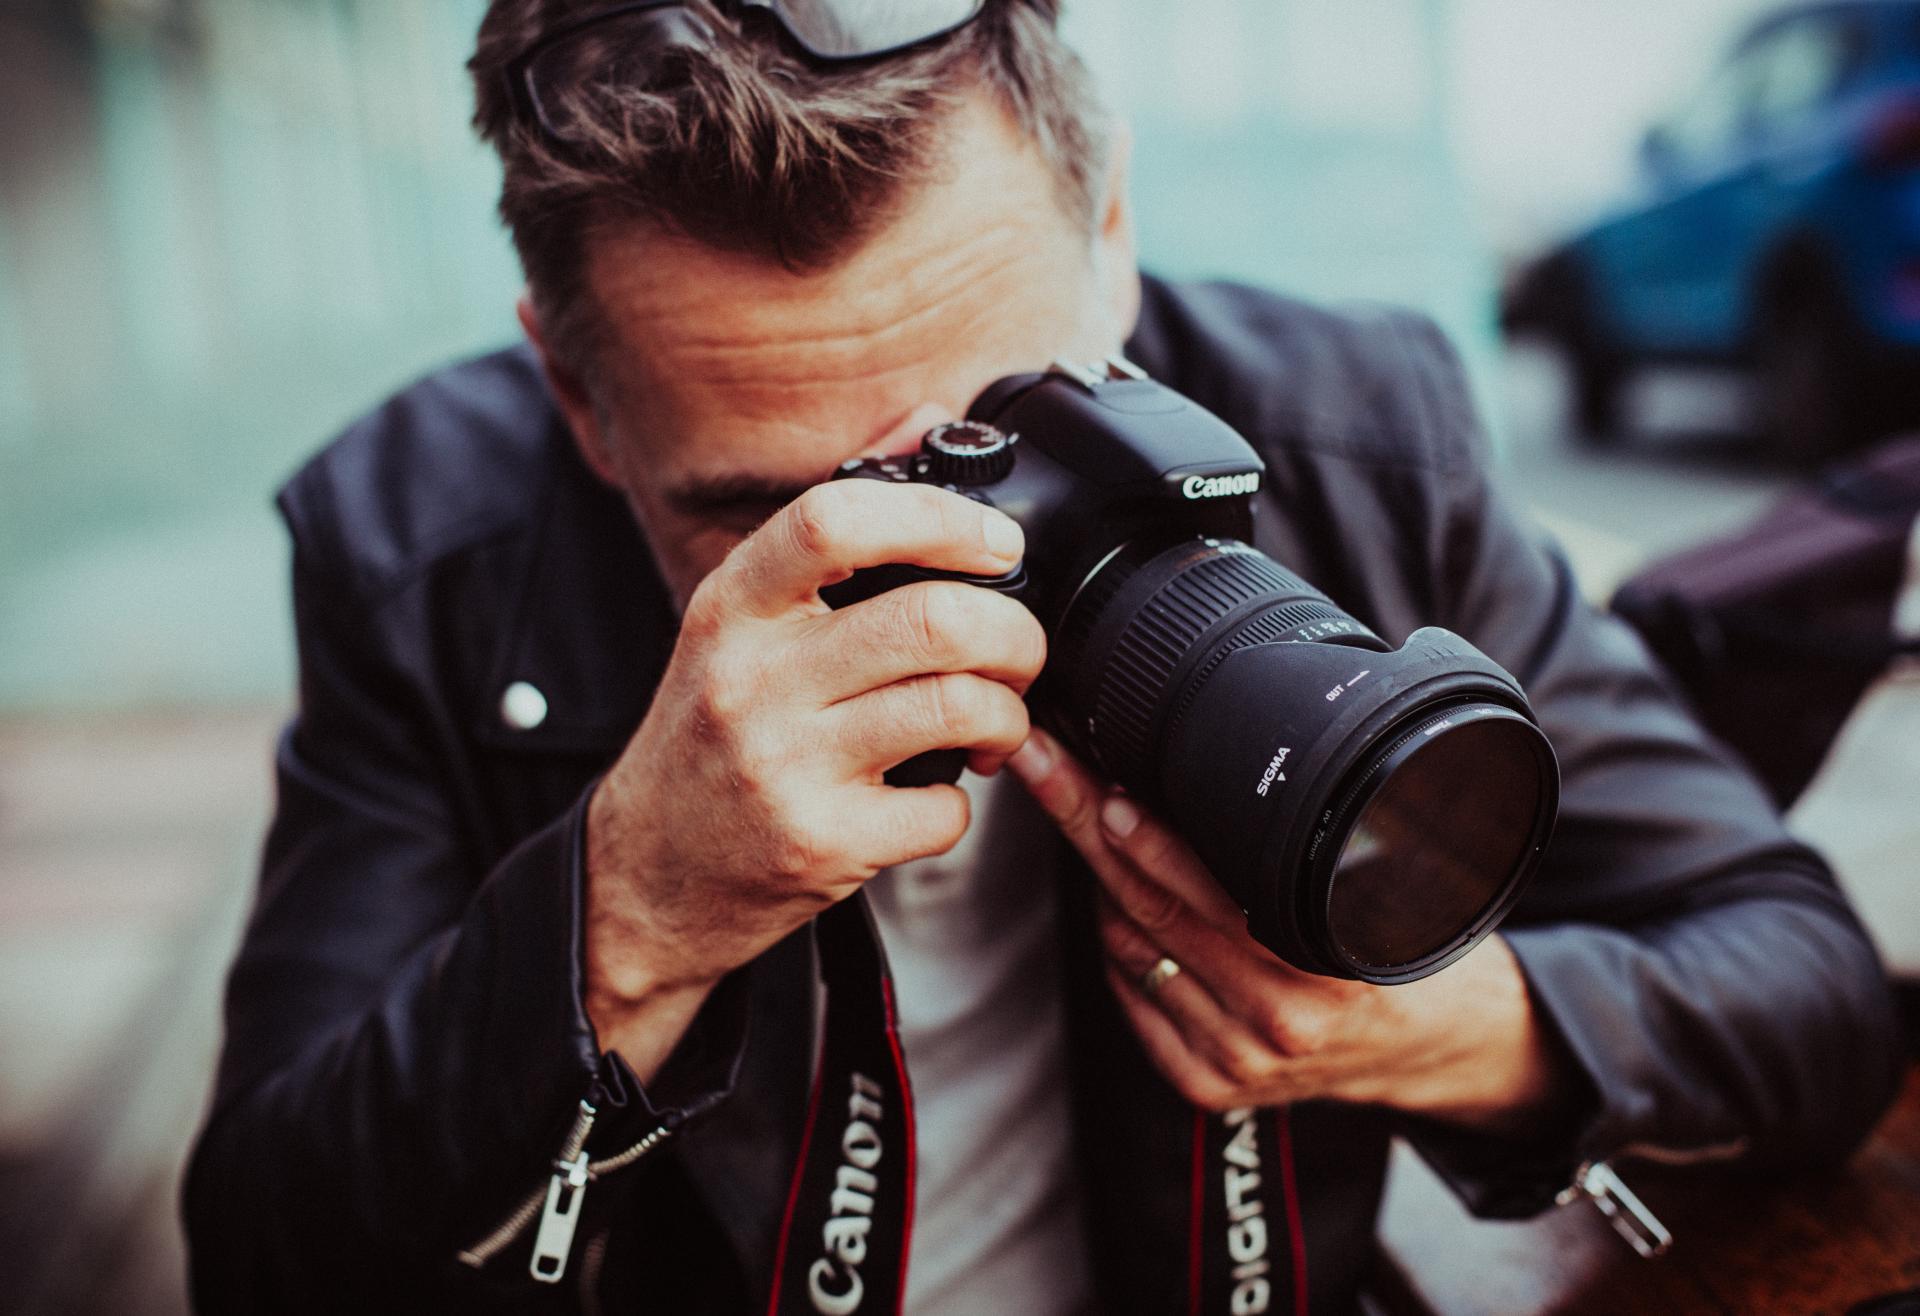 как стать самым лучшим фотографом потом, ба-бам